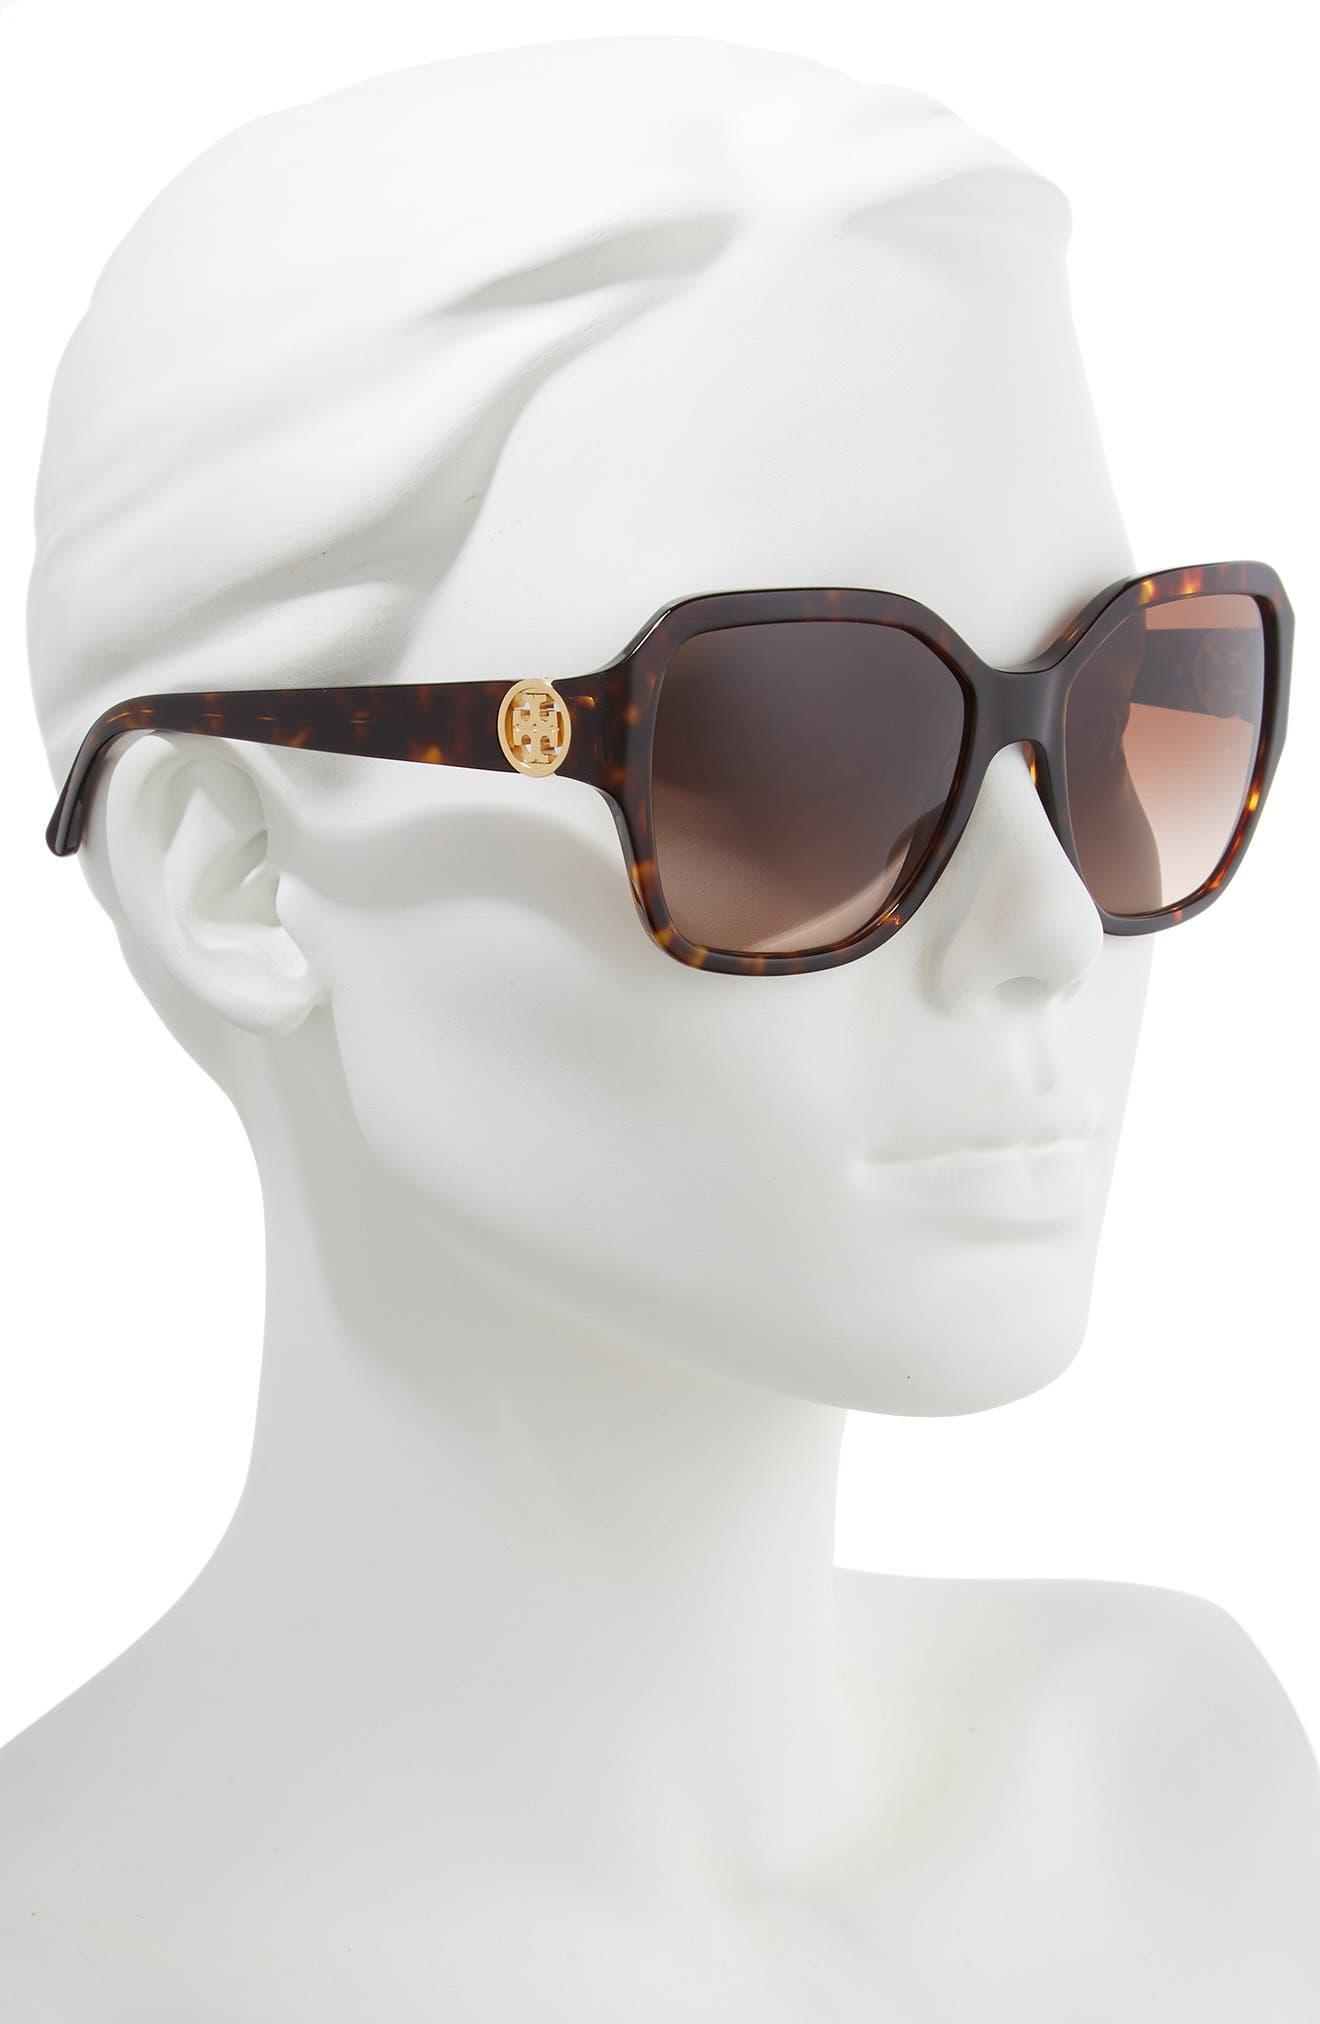 Reva 56mm Square Sunglasses,                             Alternate thumbnail 2, color,                             212